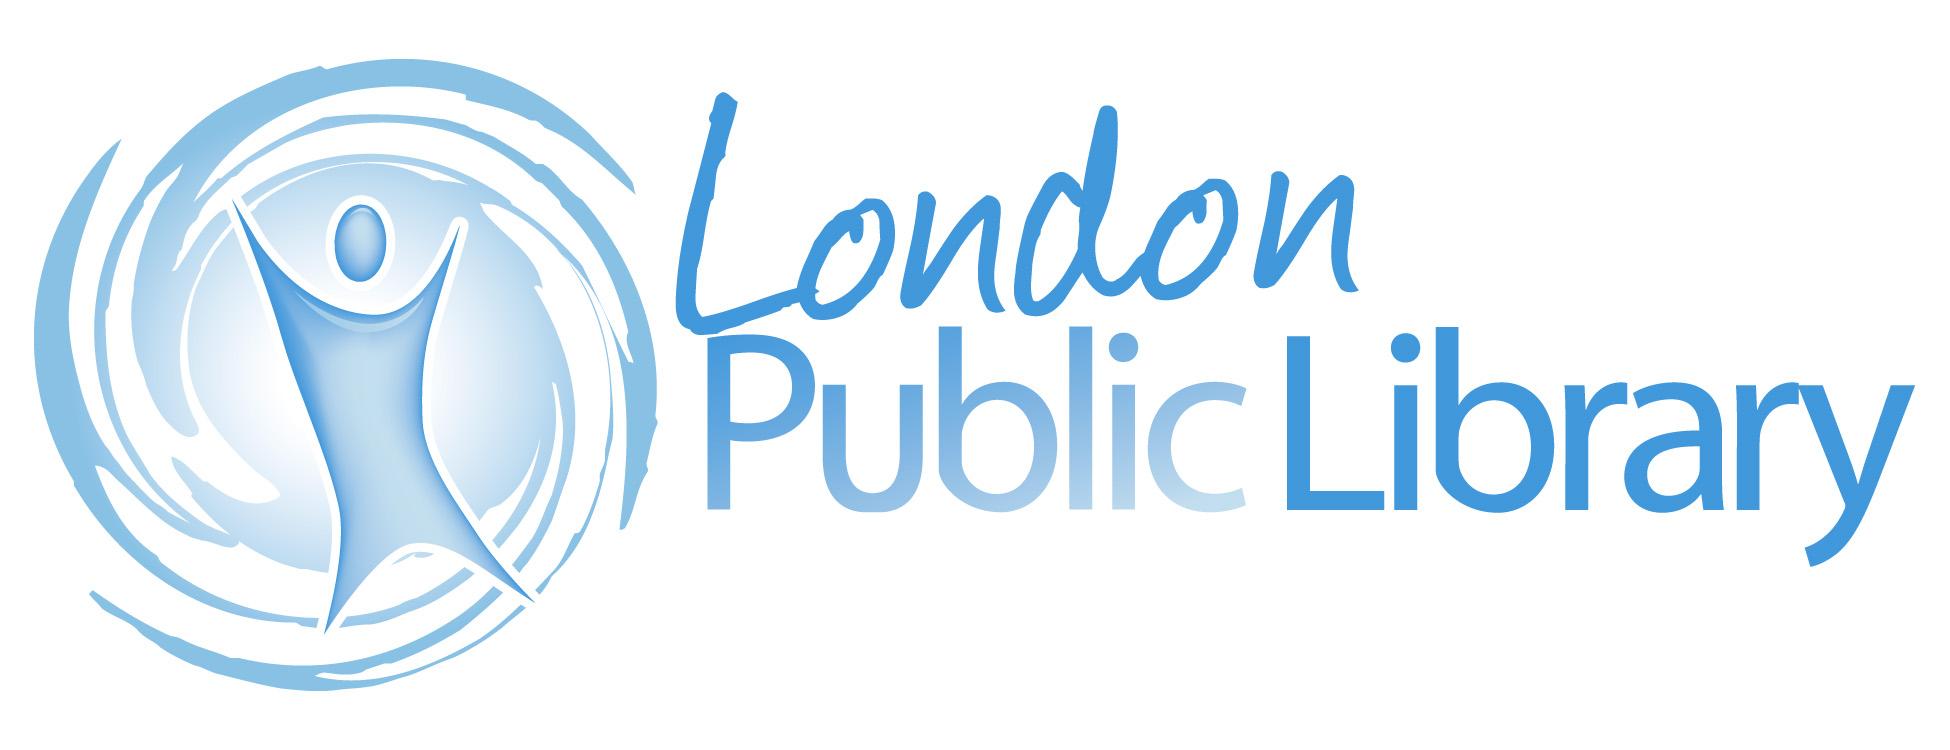 LondonLib.jpg